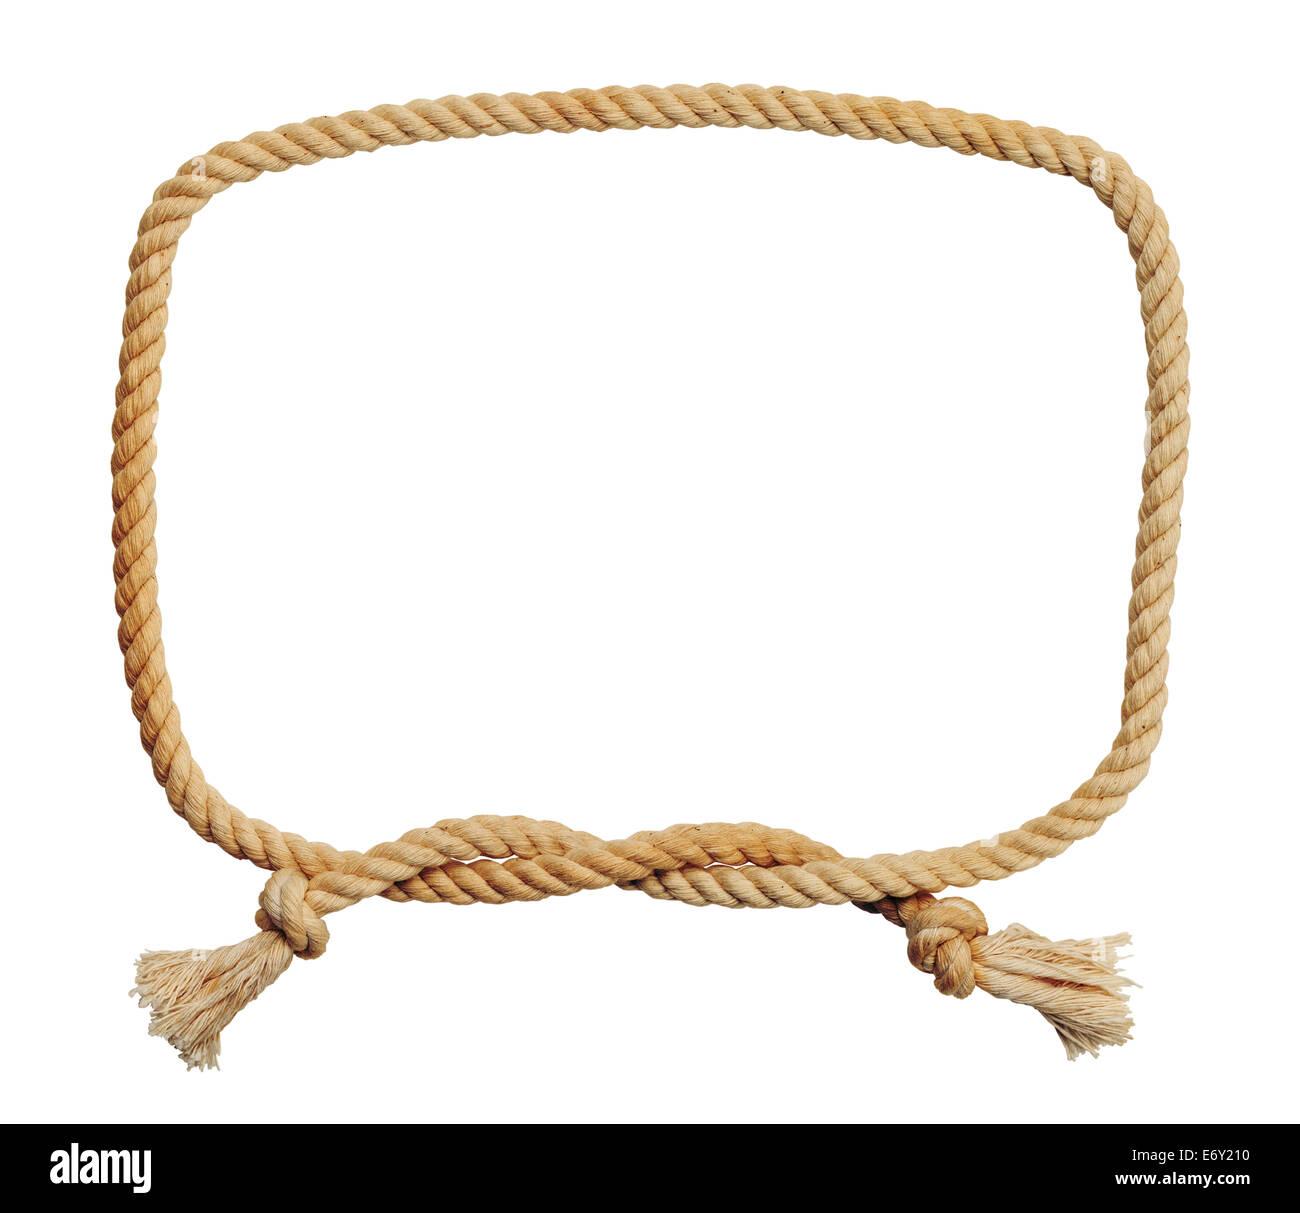 Vieja y sucia cuerda nudo cuadrado fotograma aislado sobre fondo blanco. Imagen De Stock